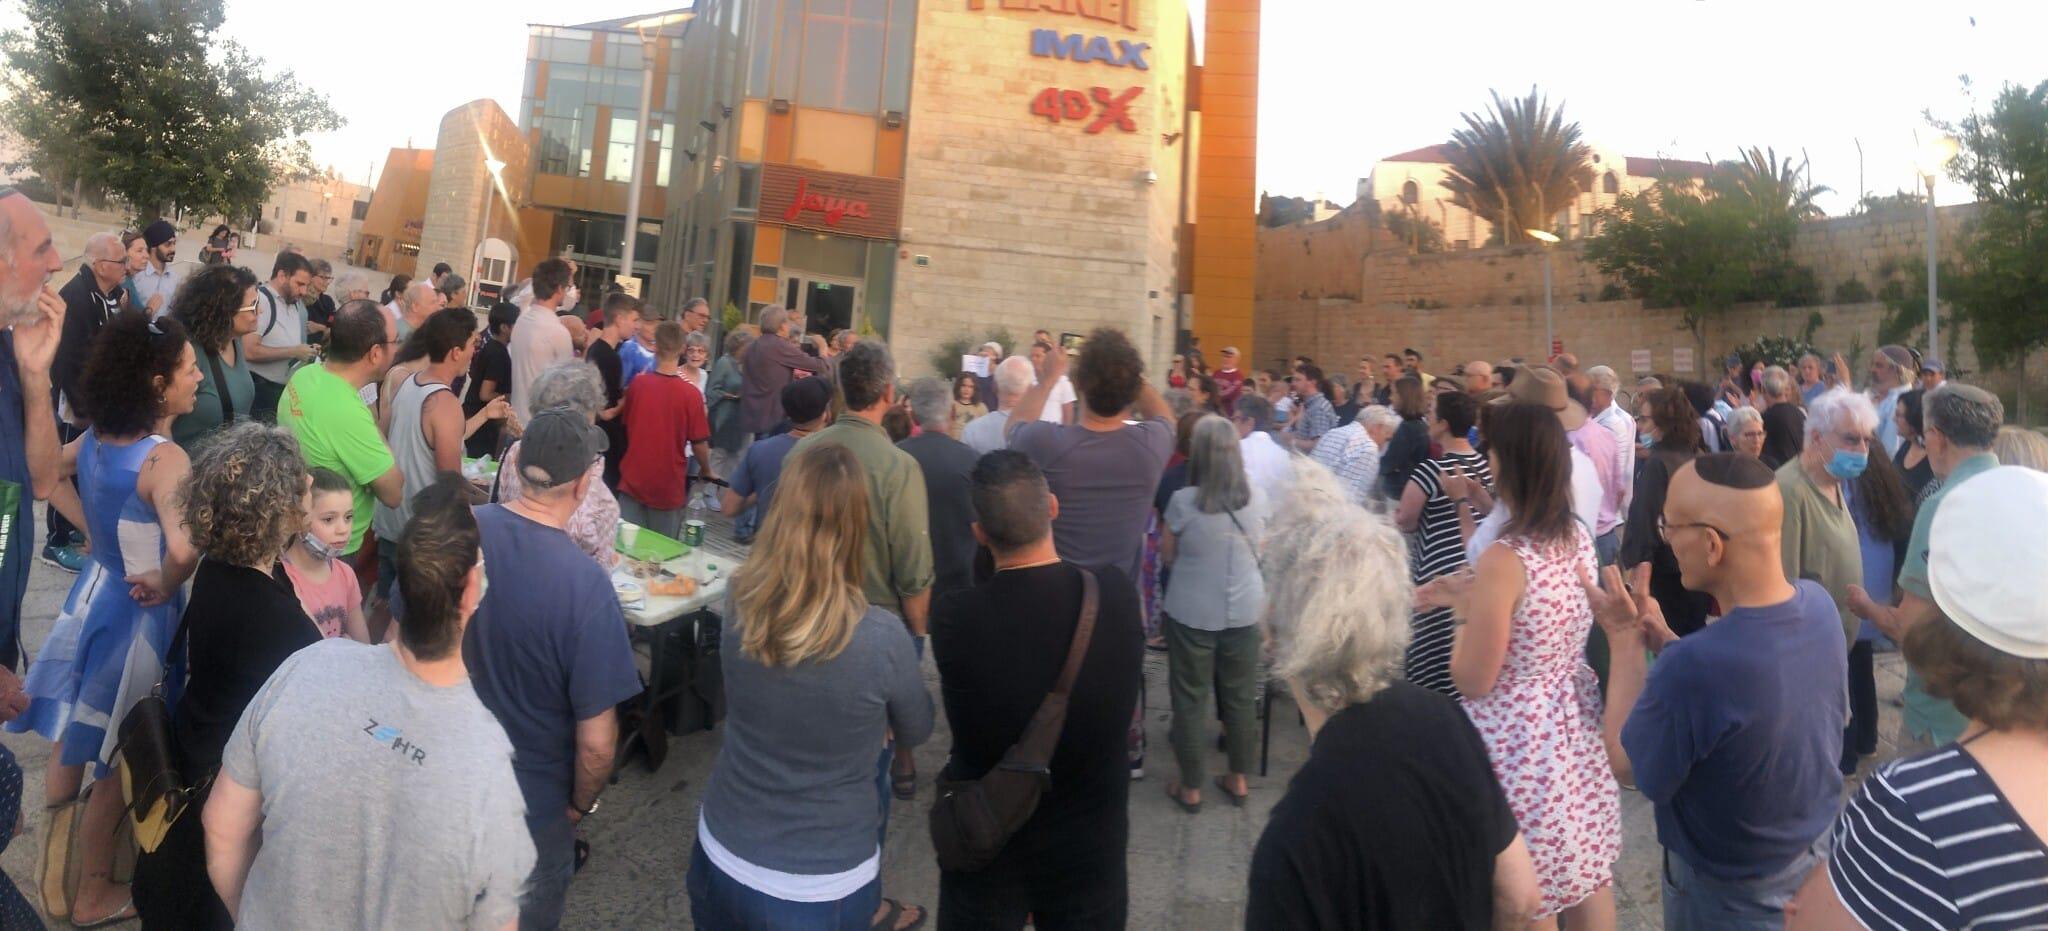 תושבים יהודים מאבו תור והשכונות הסמוכות התאספו ברחבת קולנוע יס פלאנט באבו תור, ירושלים, כדי להביע עמדה נגד האלימות ובעד סולידריות, 20 במאי 2021 (צילום: סו סורקיס)